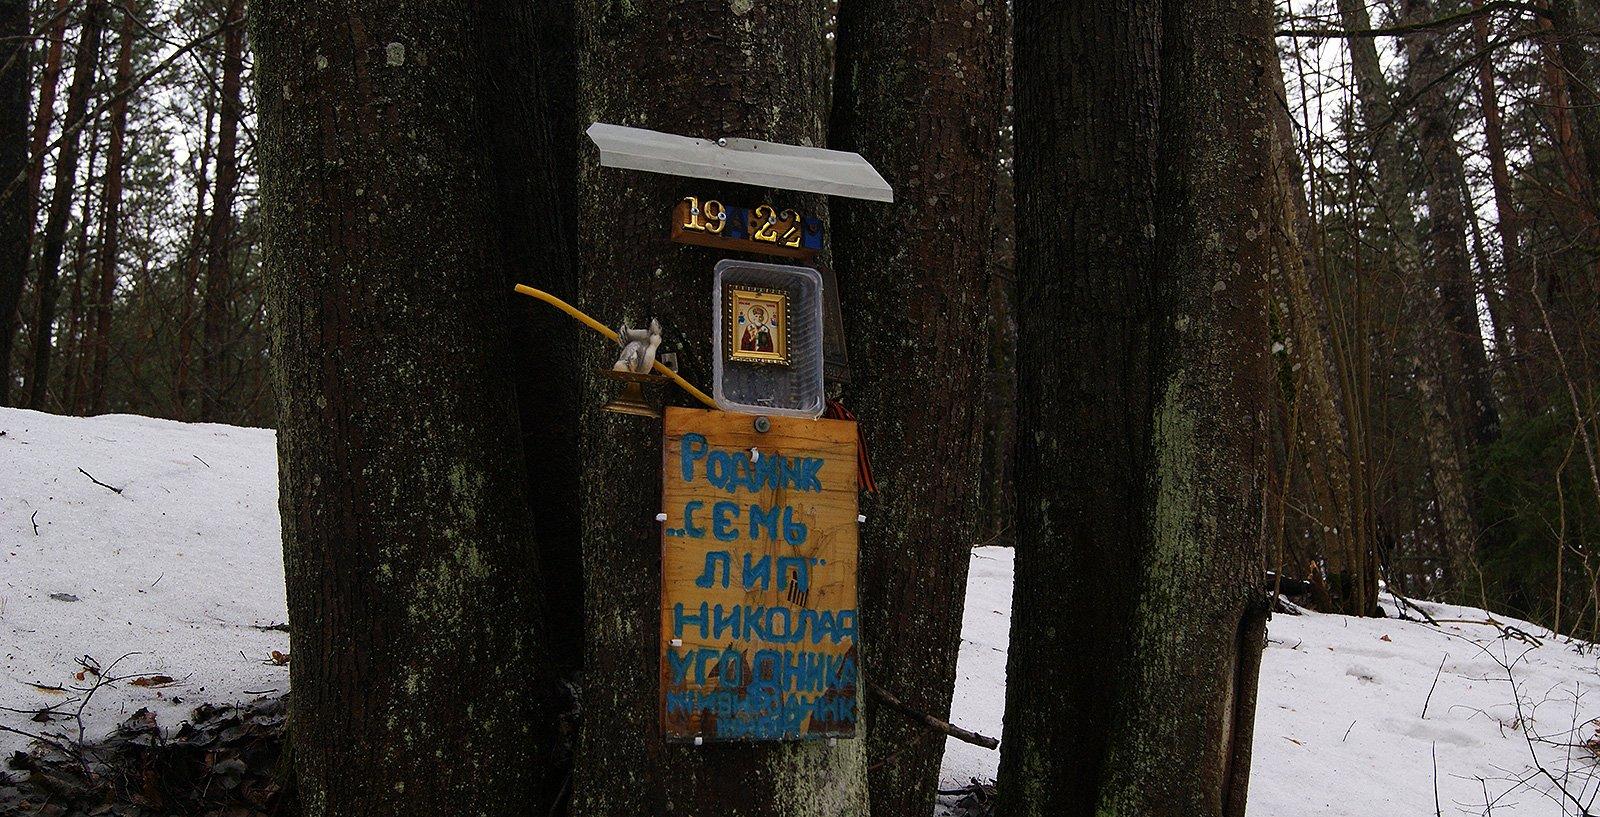 Родник «Семь лип» изгадили пластмассовой православной символикой :-(